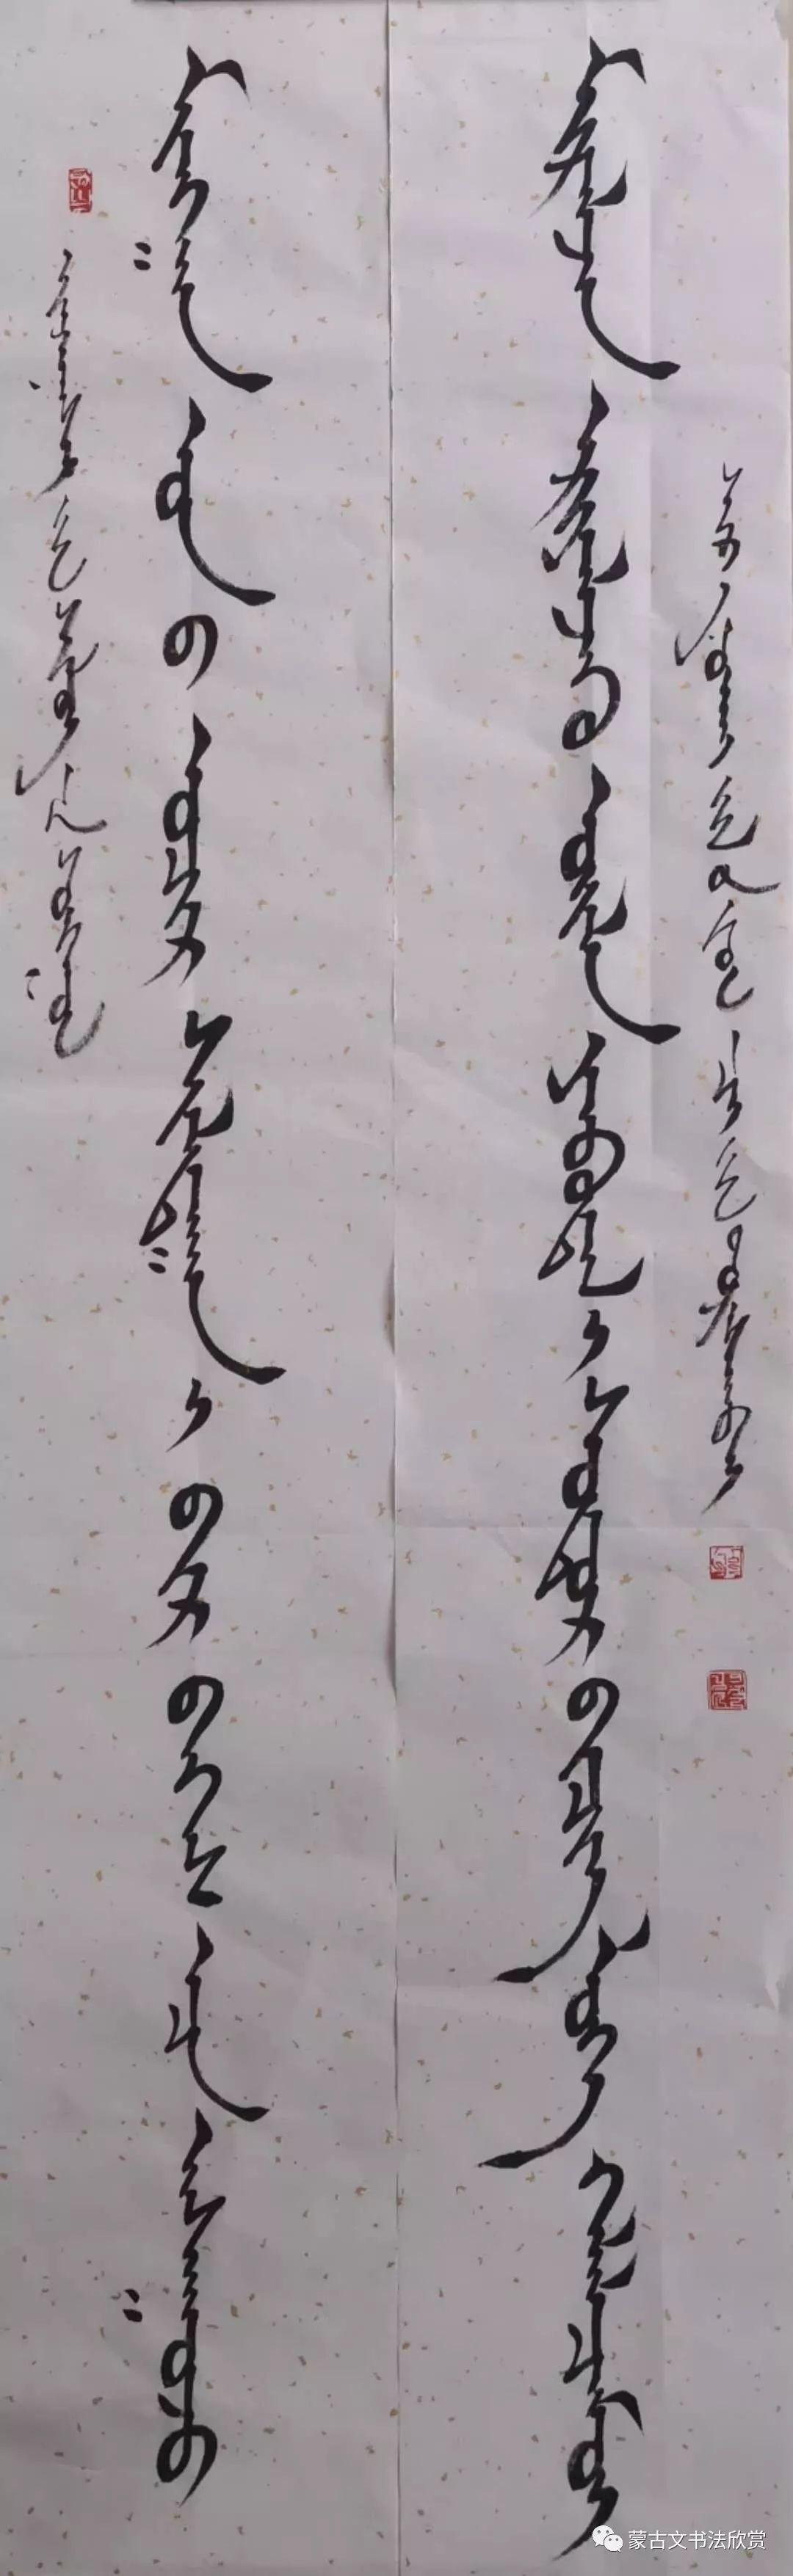 蒙古文书法欣赏——七斤 第12张